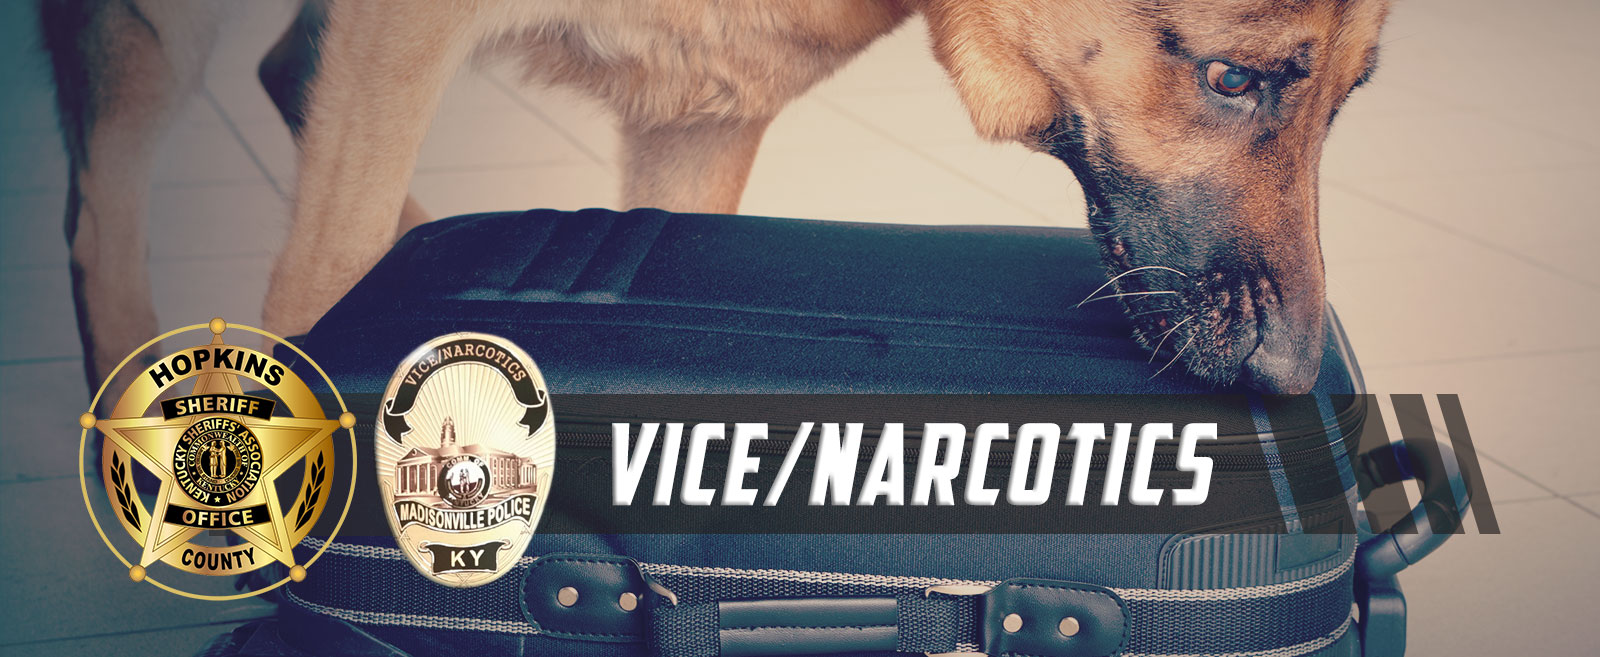 Vice/Narcotics Unit